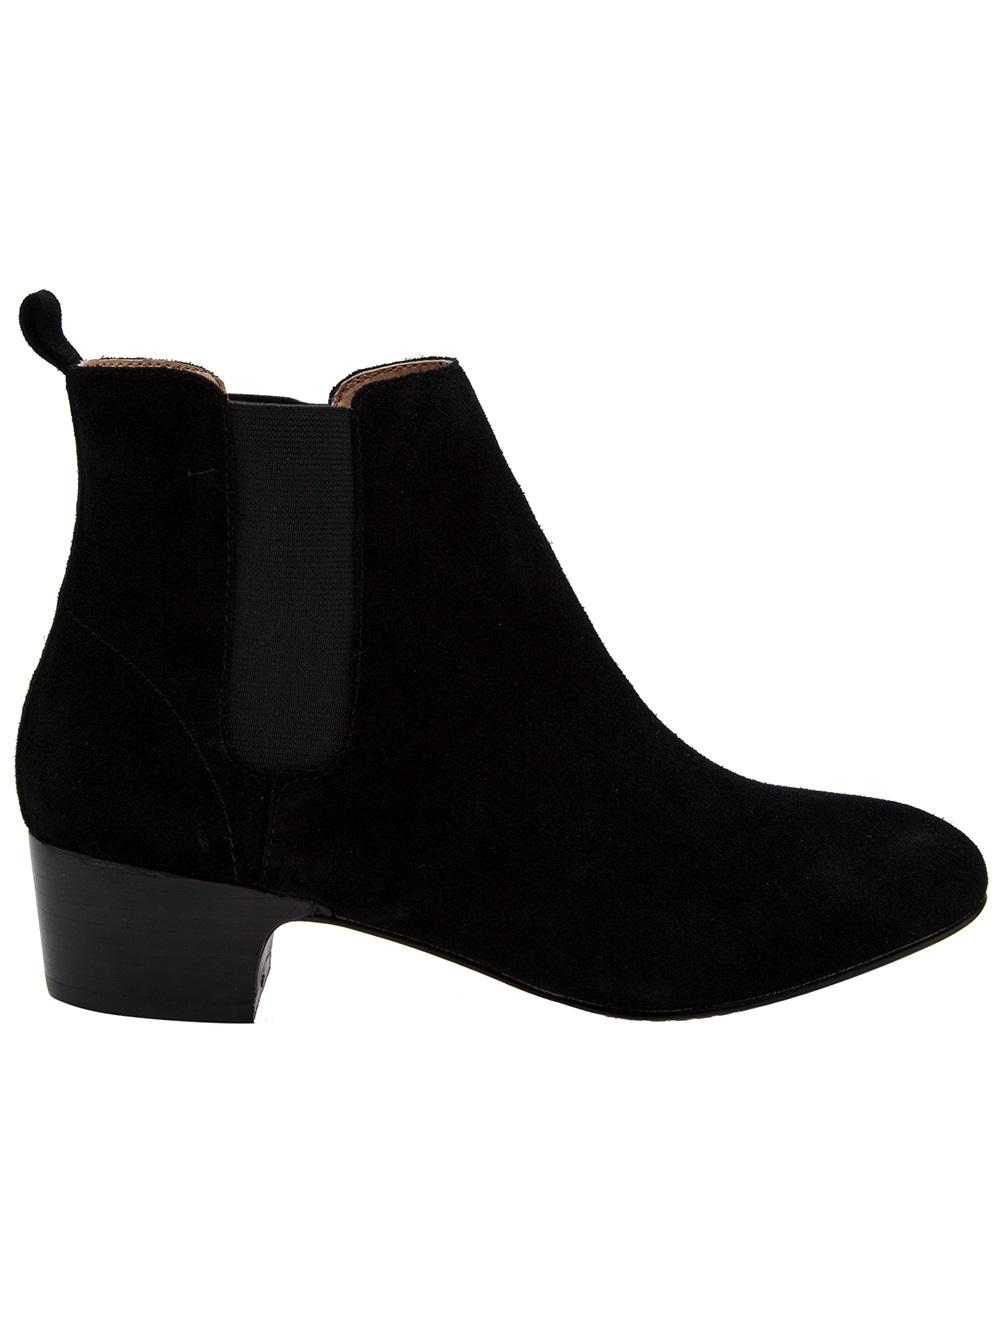 2b49b9755b5 Marais Usa Black Ringo Chelsea Boot